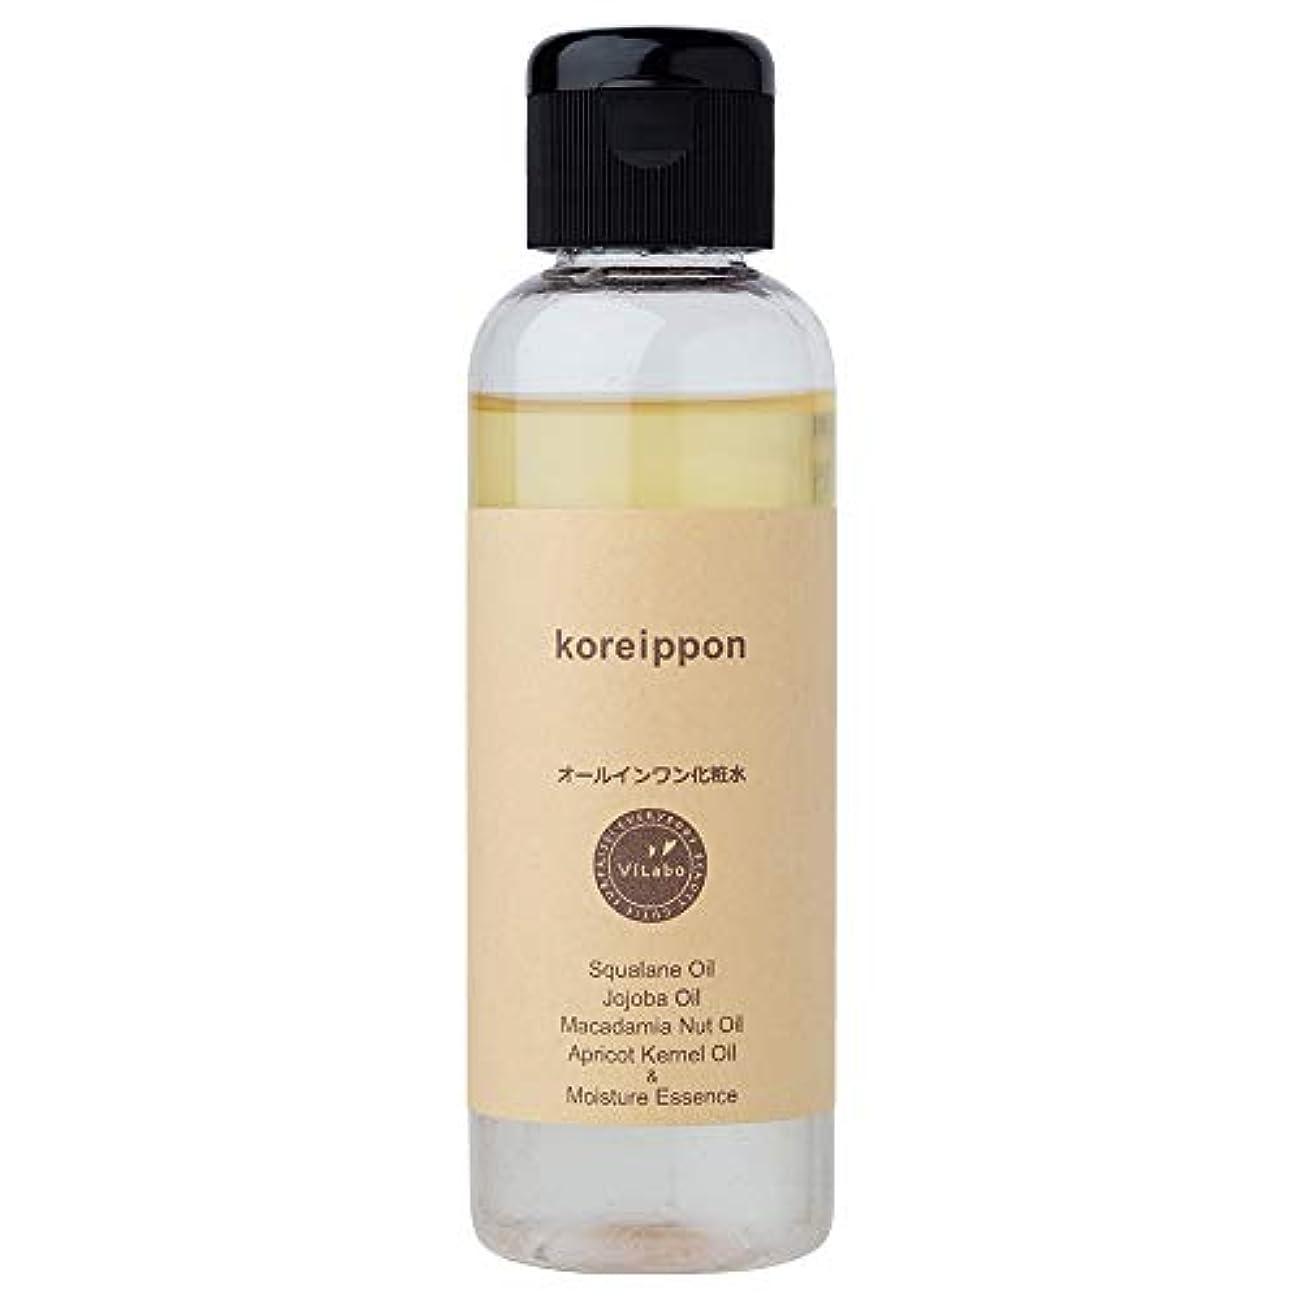 だらしない識別する一月ViLabo オールインワン化粧水koreipponこれいっぽん (オールインワン化粧水)120ml ビラボ